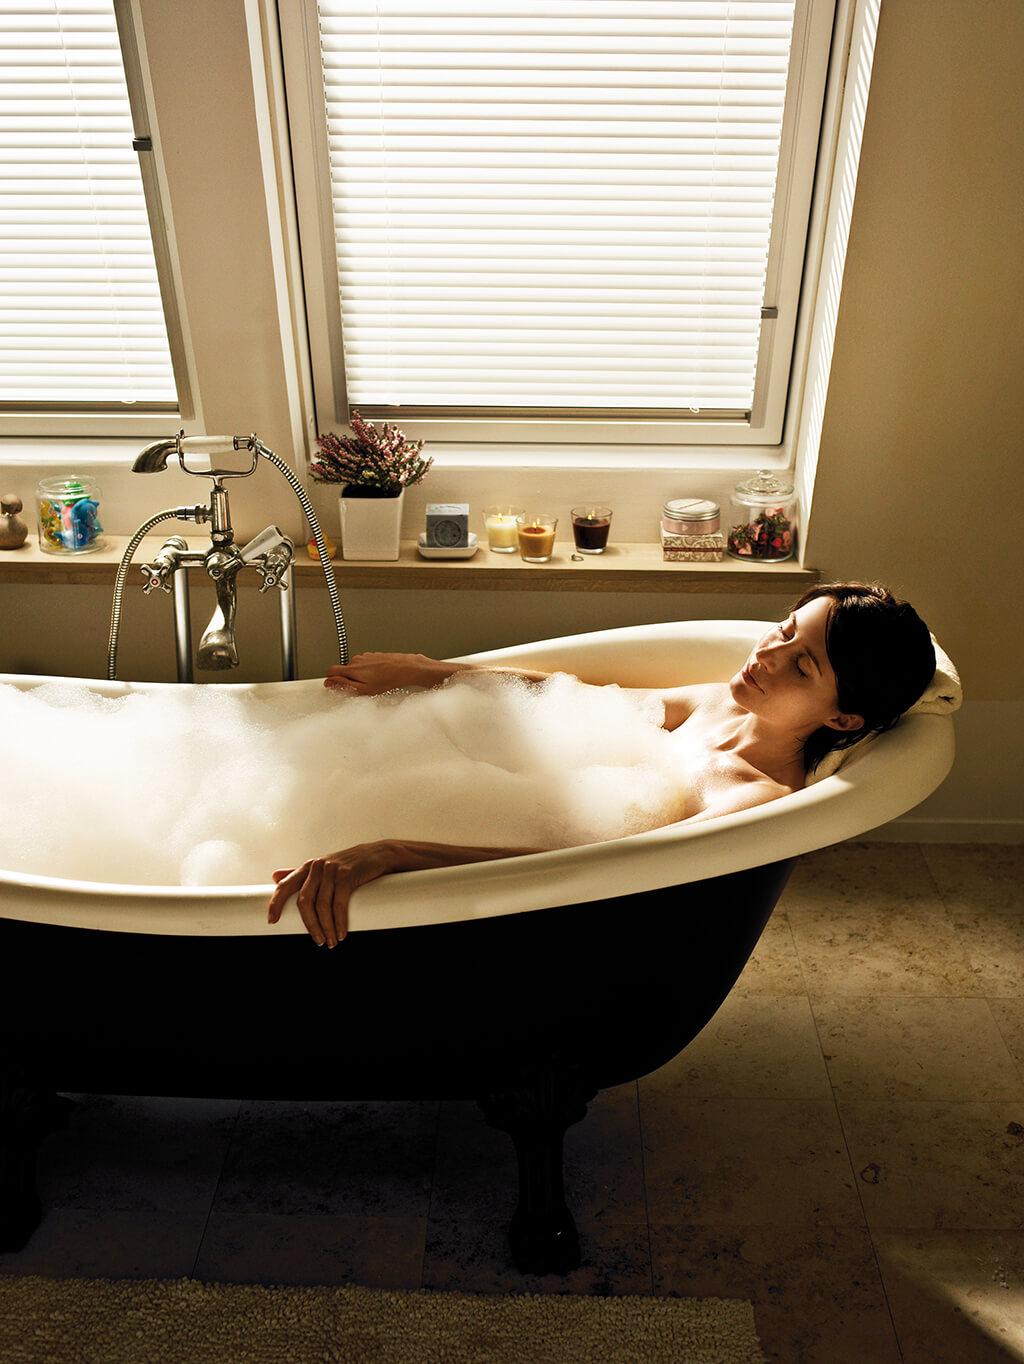 Weiße Alu-Jalousie am Dachfenster im Badezimmer mit freistehender Badewanne